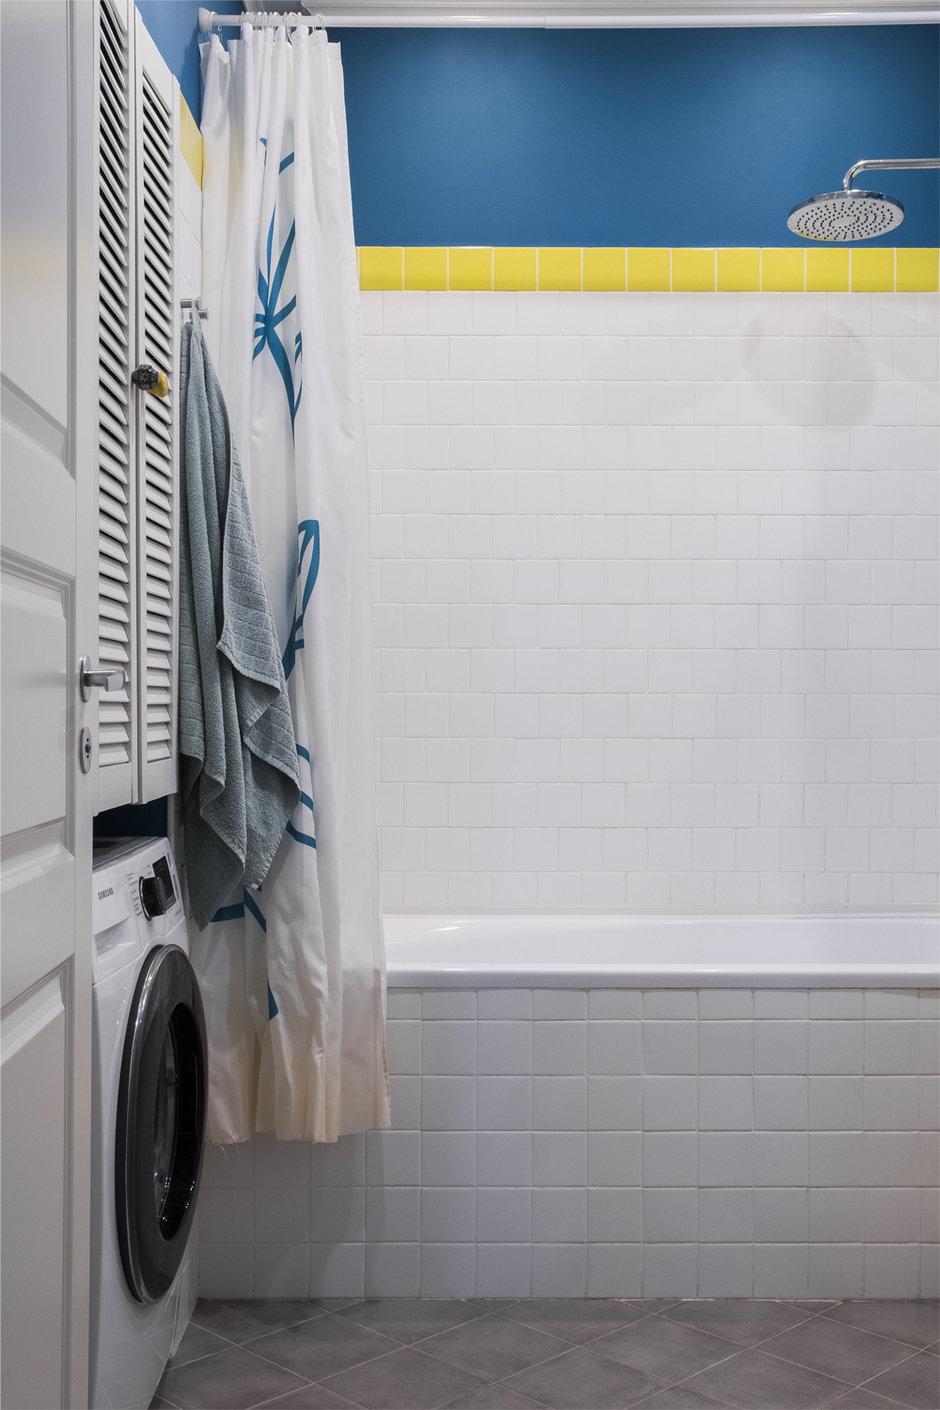 Фотография: Ванная в стиле Скандинавский, Квартира, Проект недели, Раменское, Елена Ивашкина, Монолитный дом, 3 комнаты, 40-60 метров – фото на InMyRoom.ru